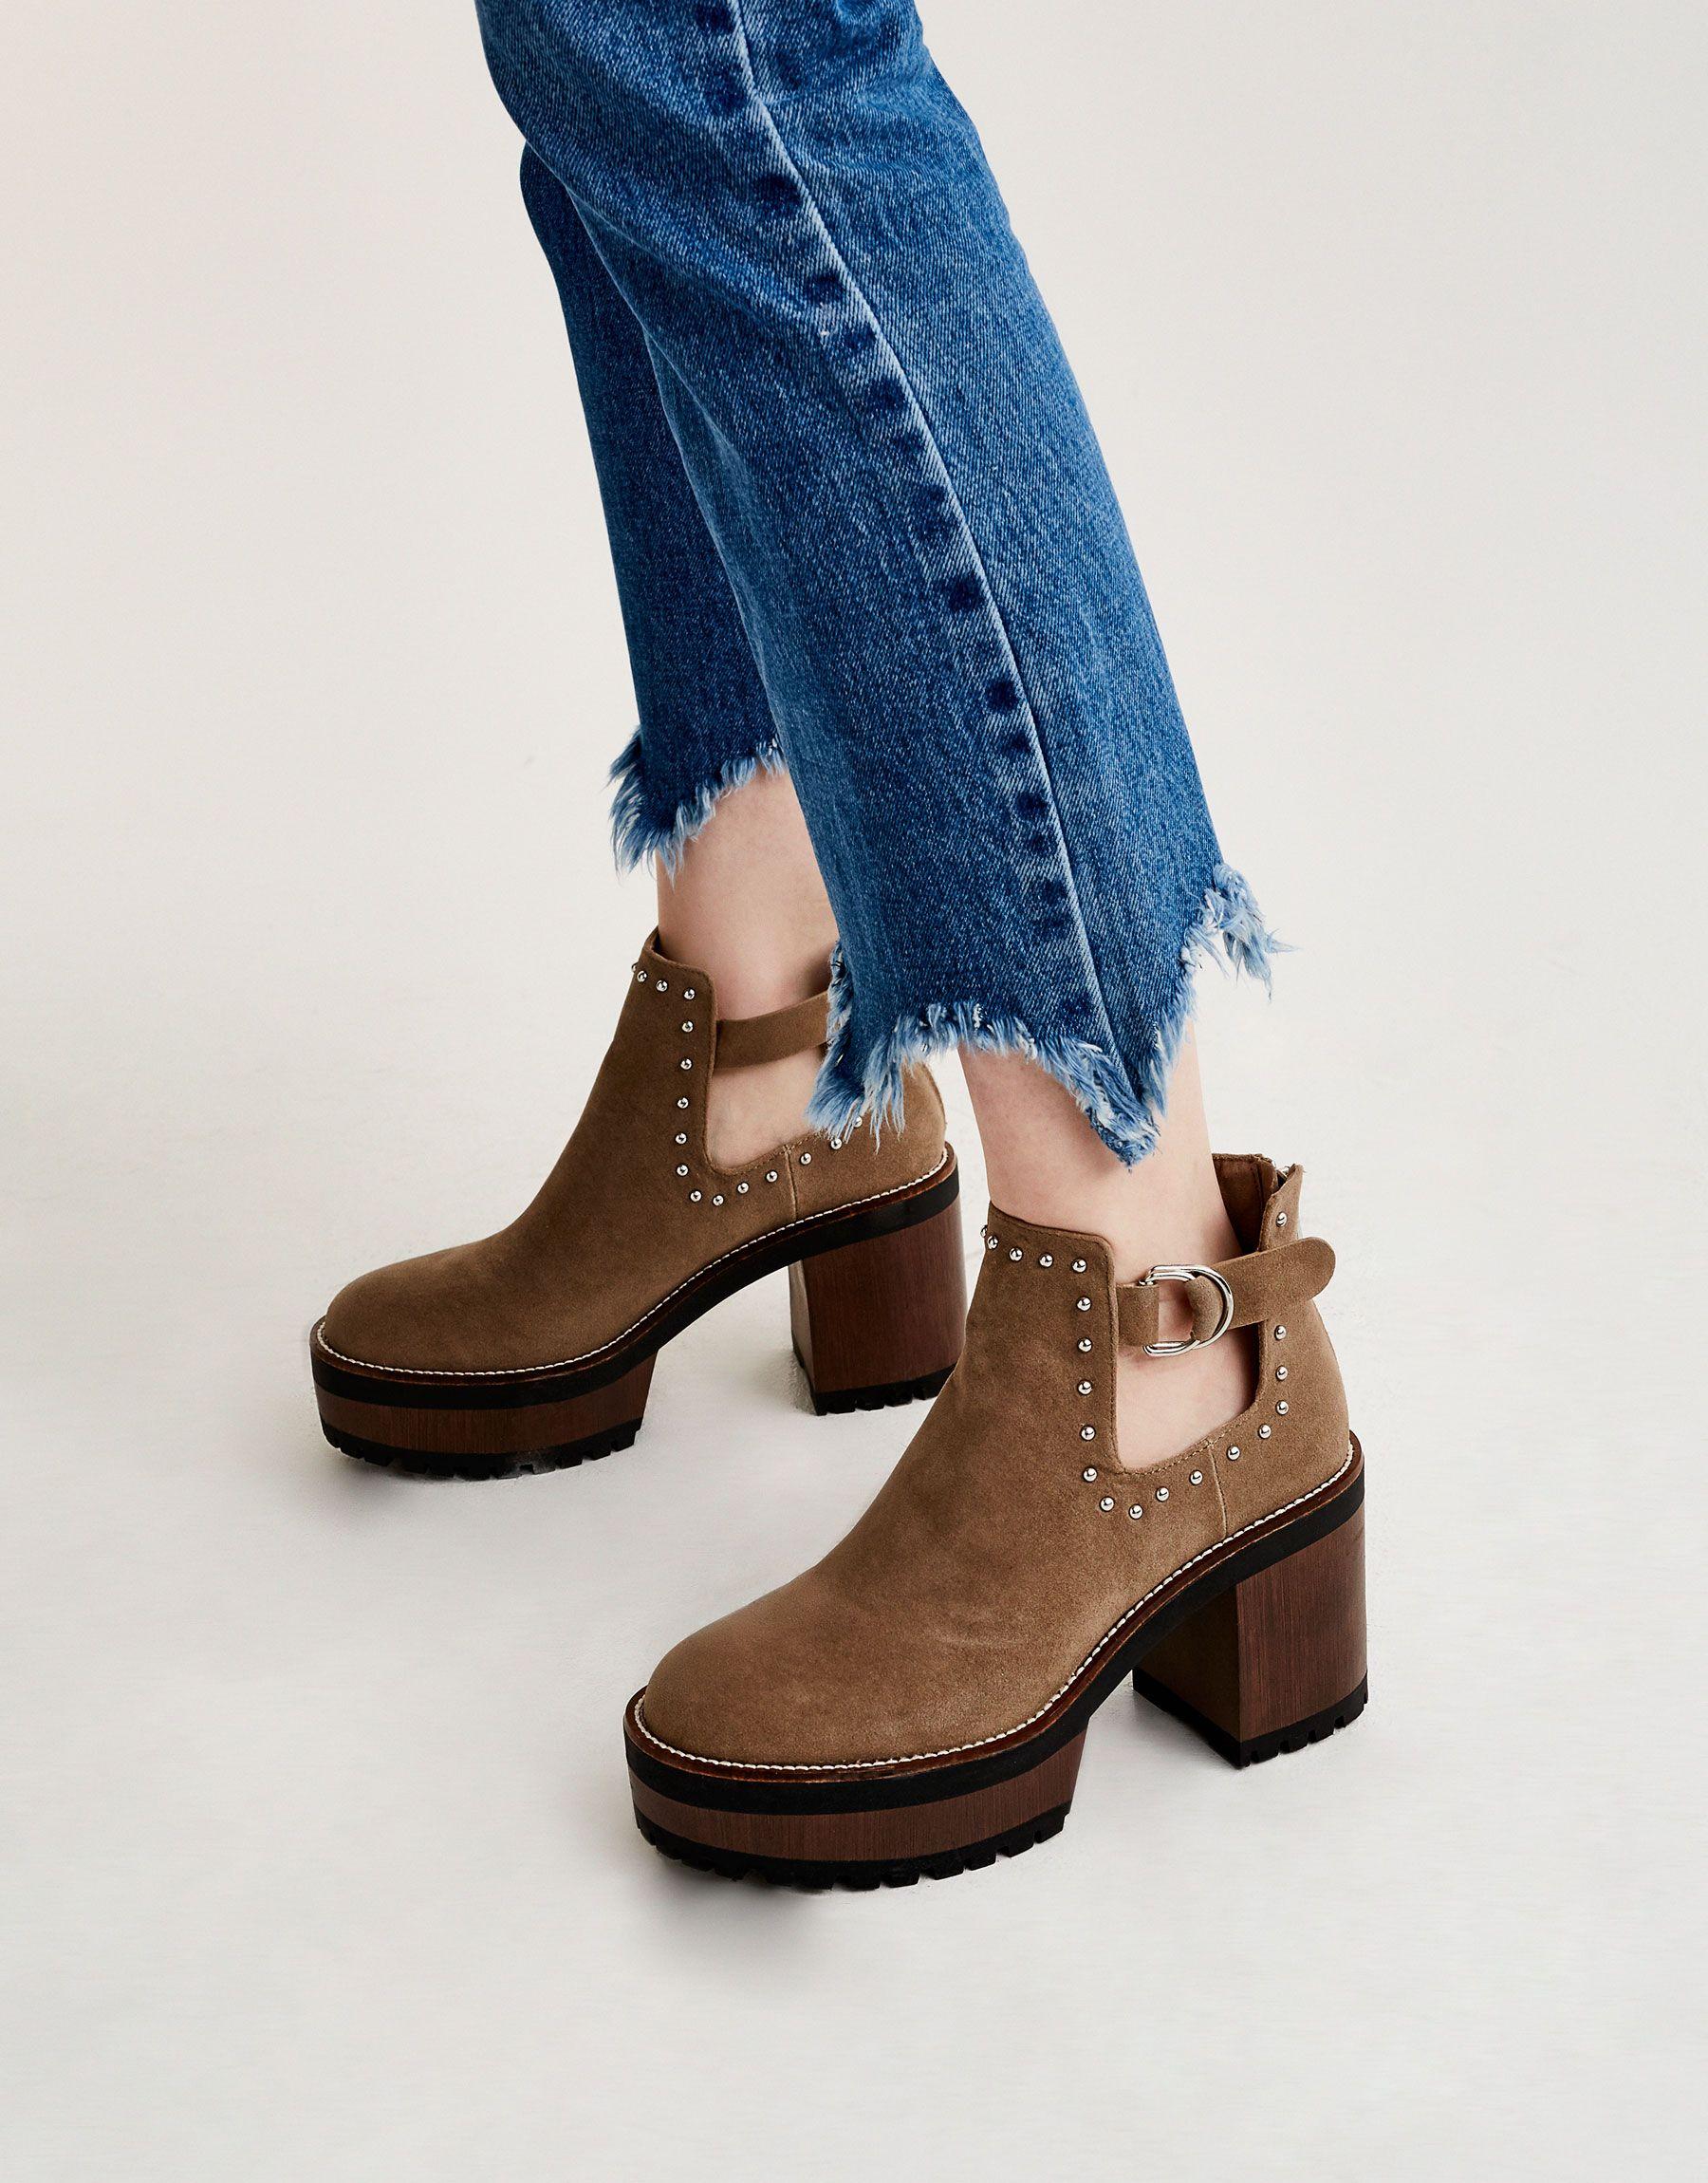 Señoras PUNTOS ENCAJE CIERRE ADHESIVO TIRA Hi Top Botines Casuales Zapatos